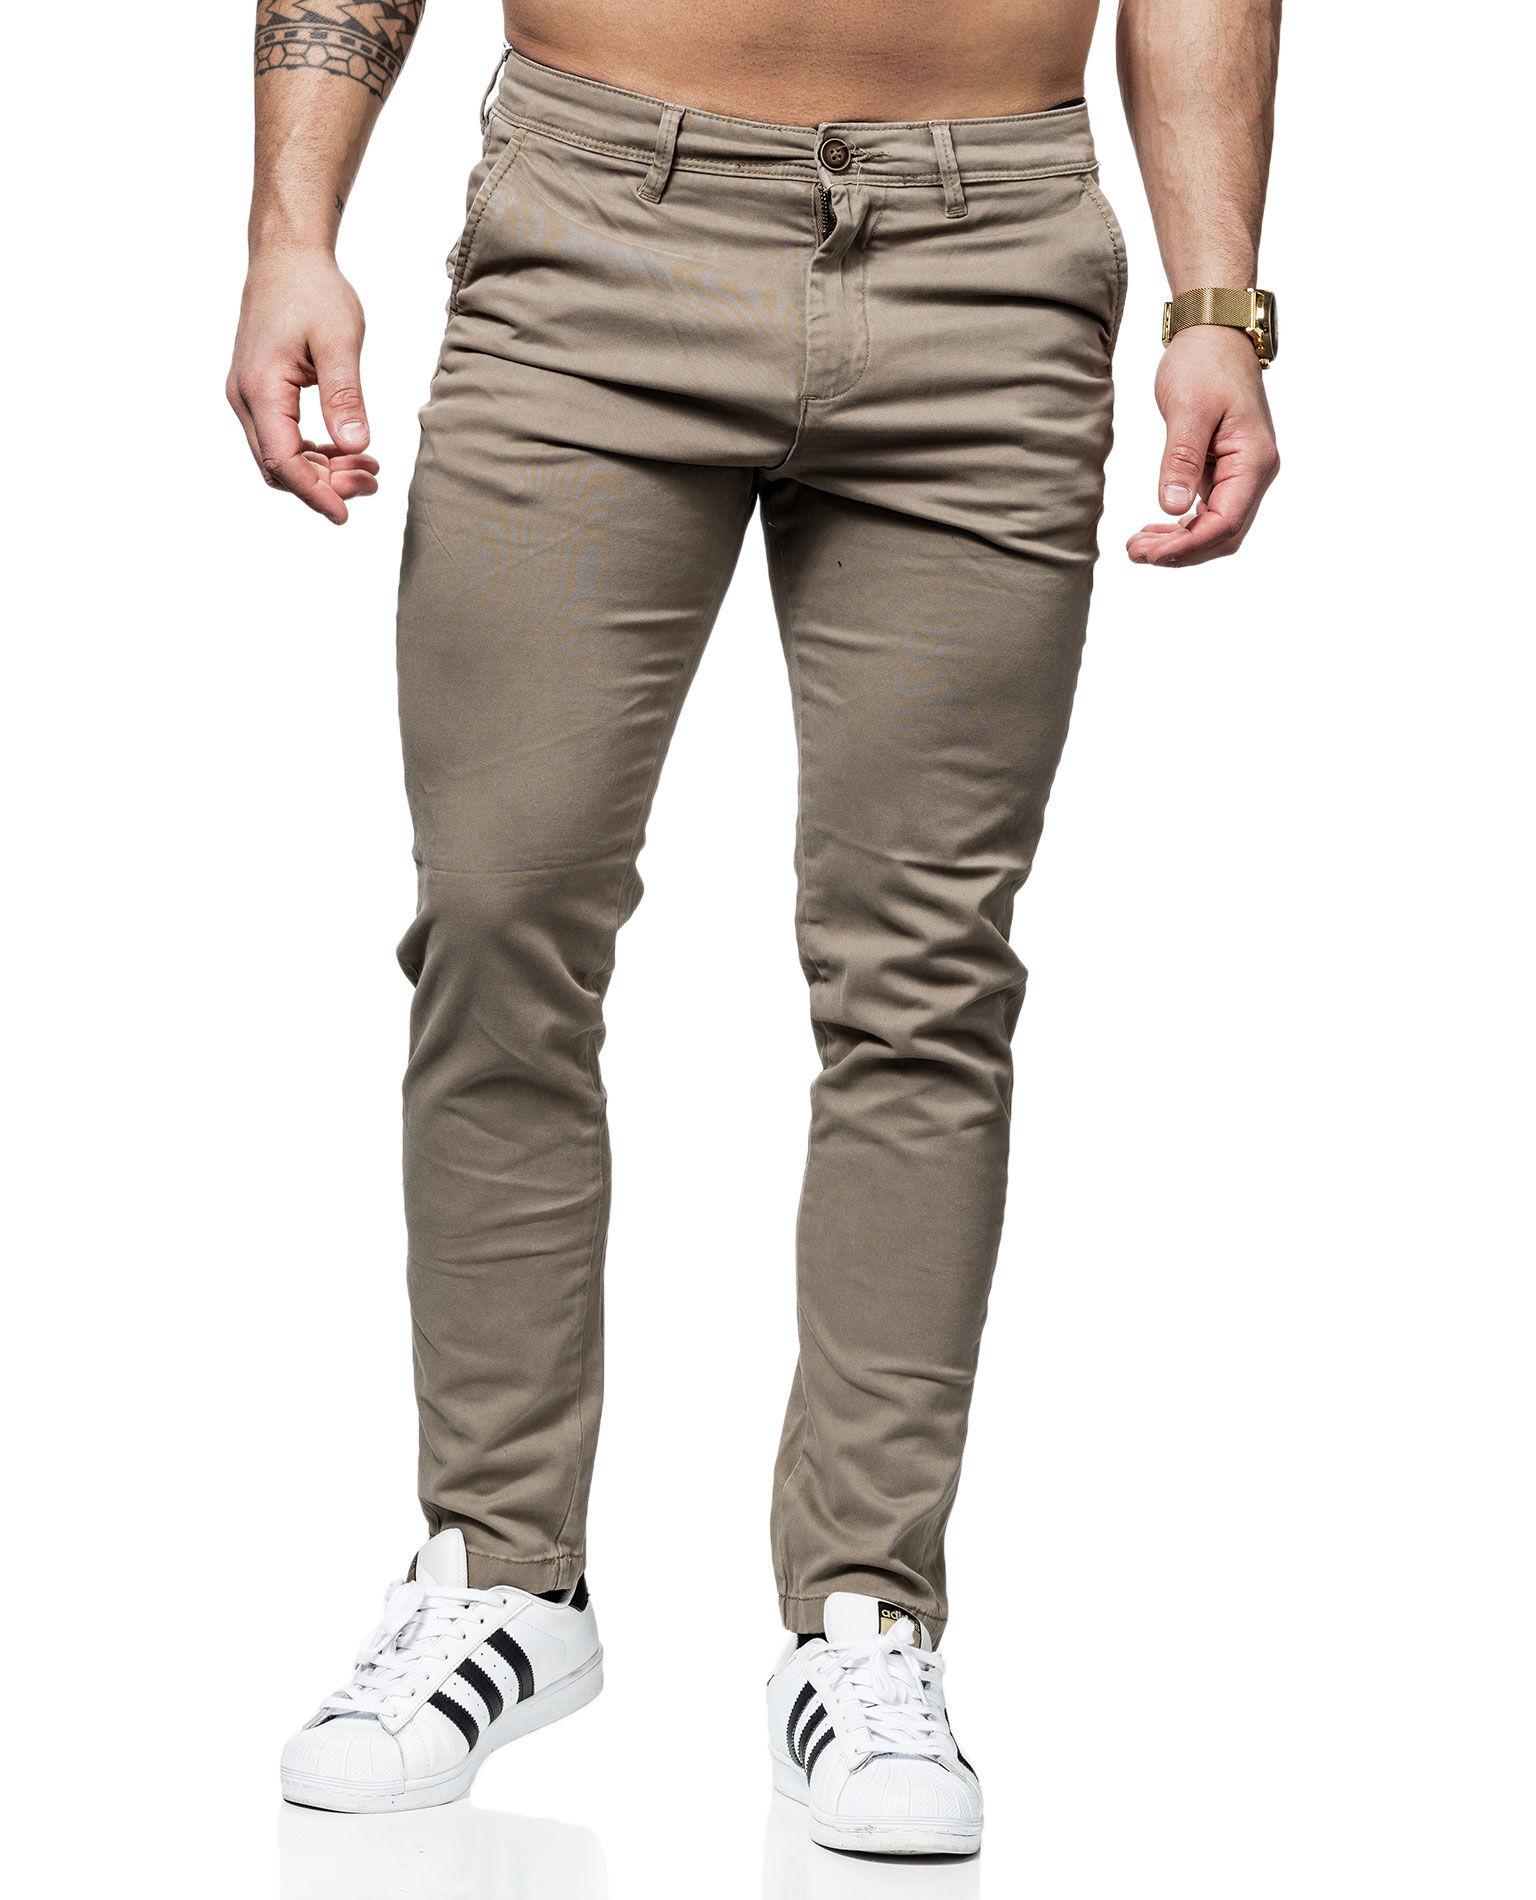 Marco Bowie Pants L32 Jack & Jones